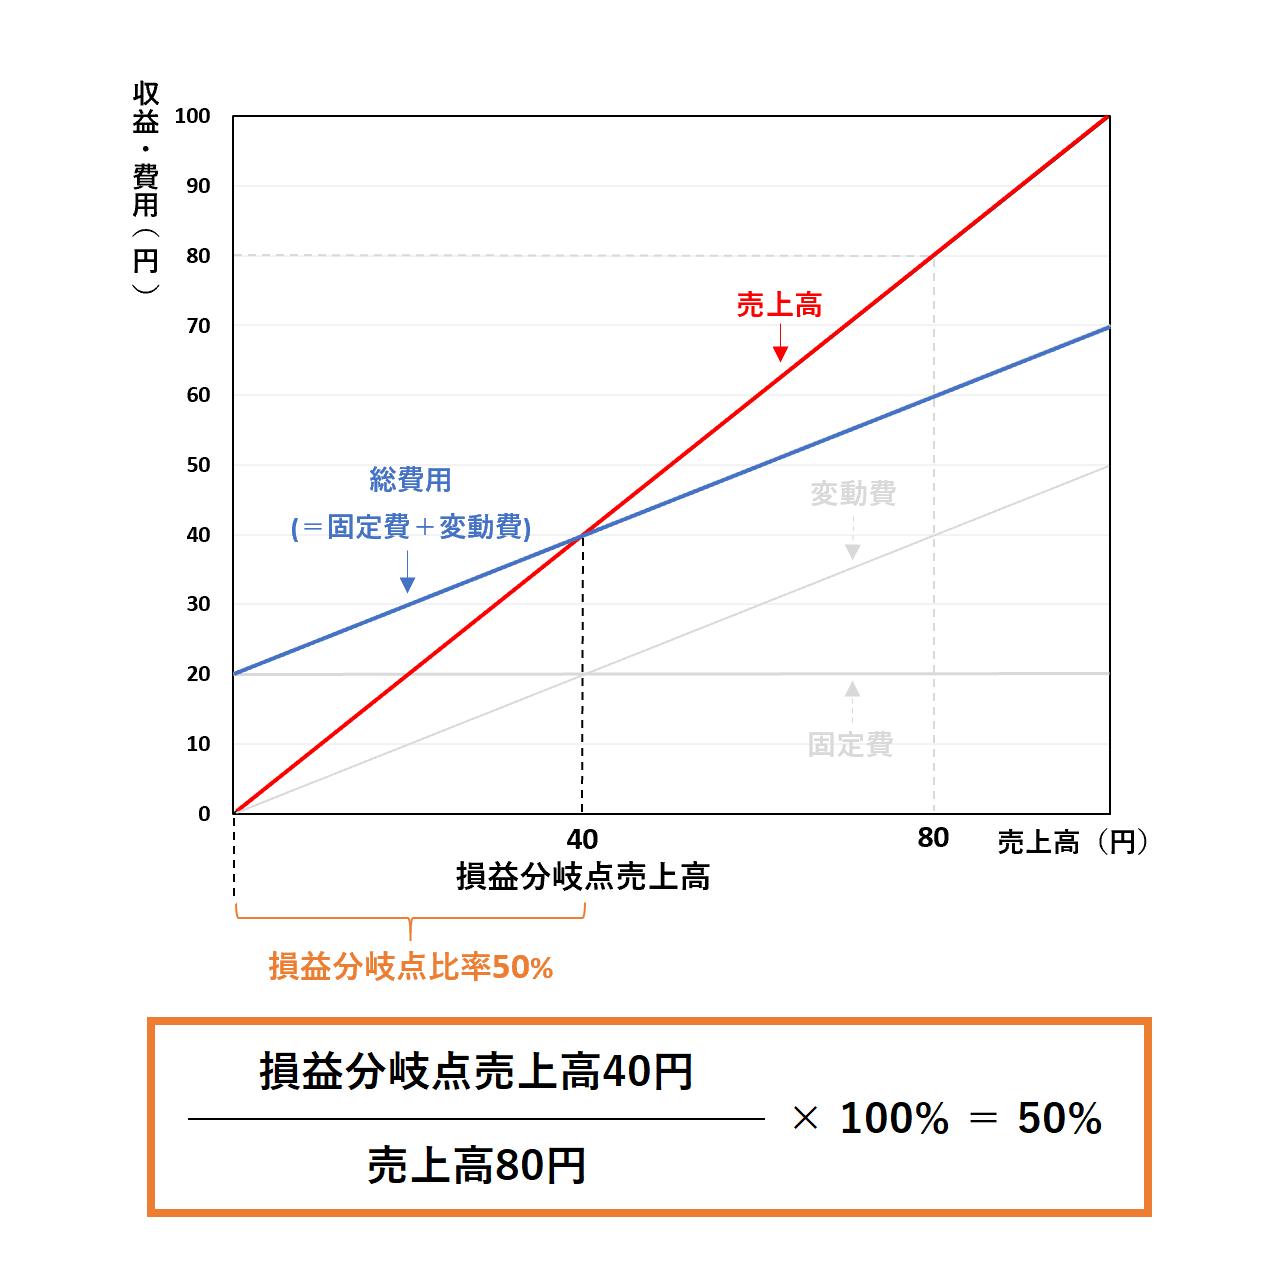 損益分岐点分析(2級):損益分岐点比率ー解答